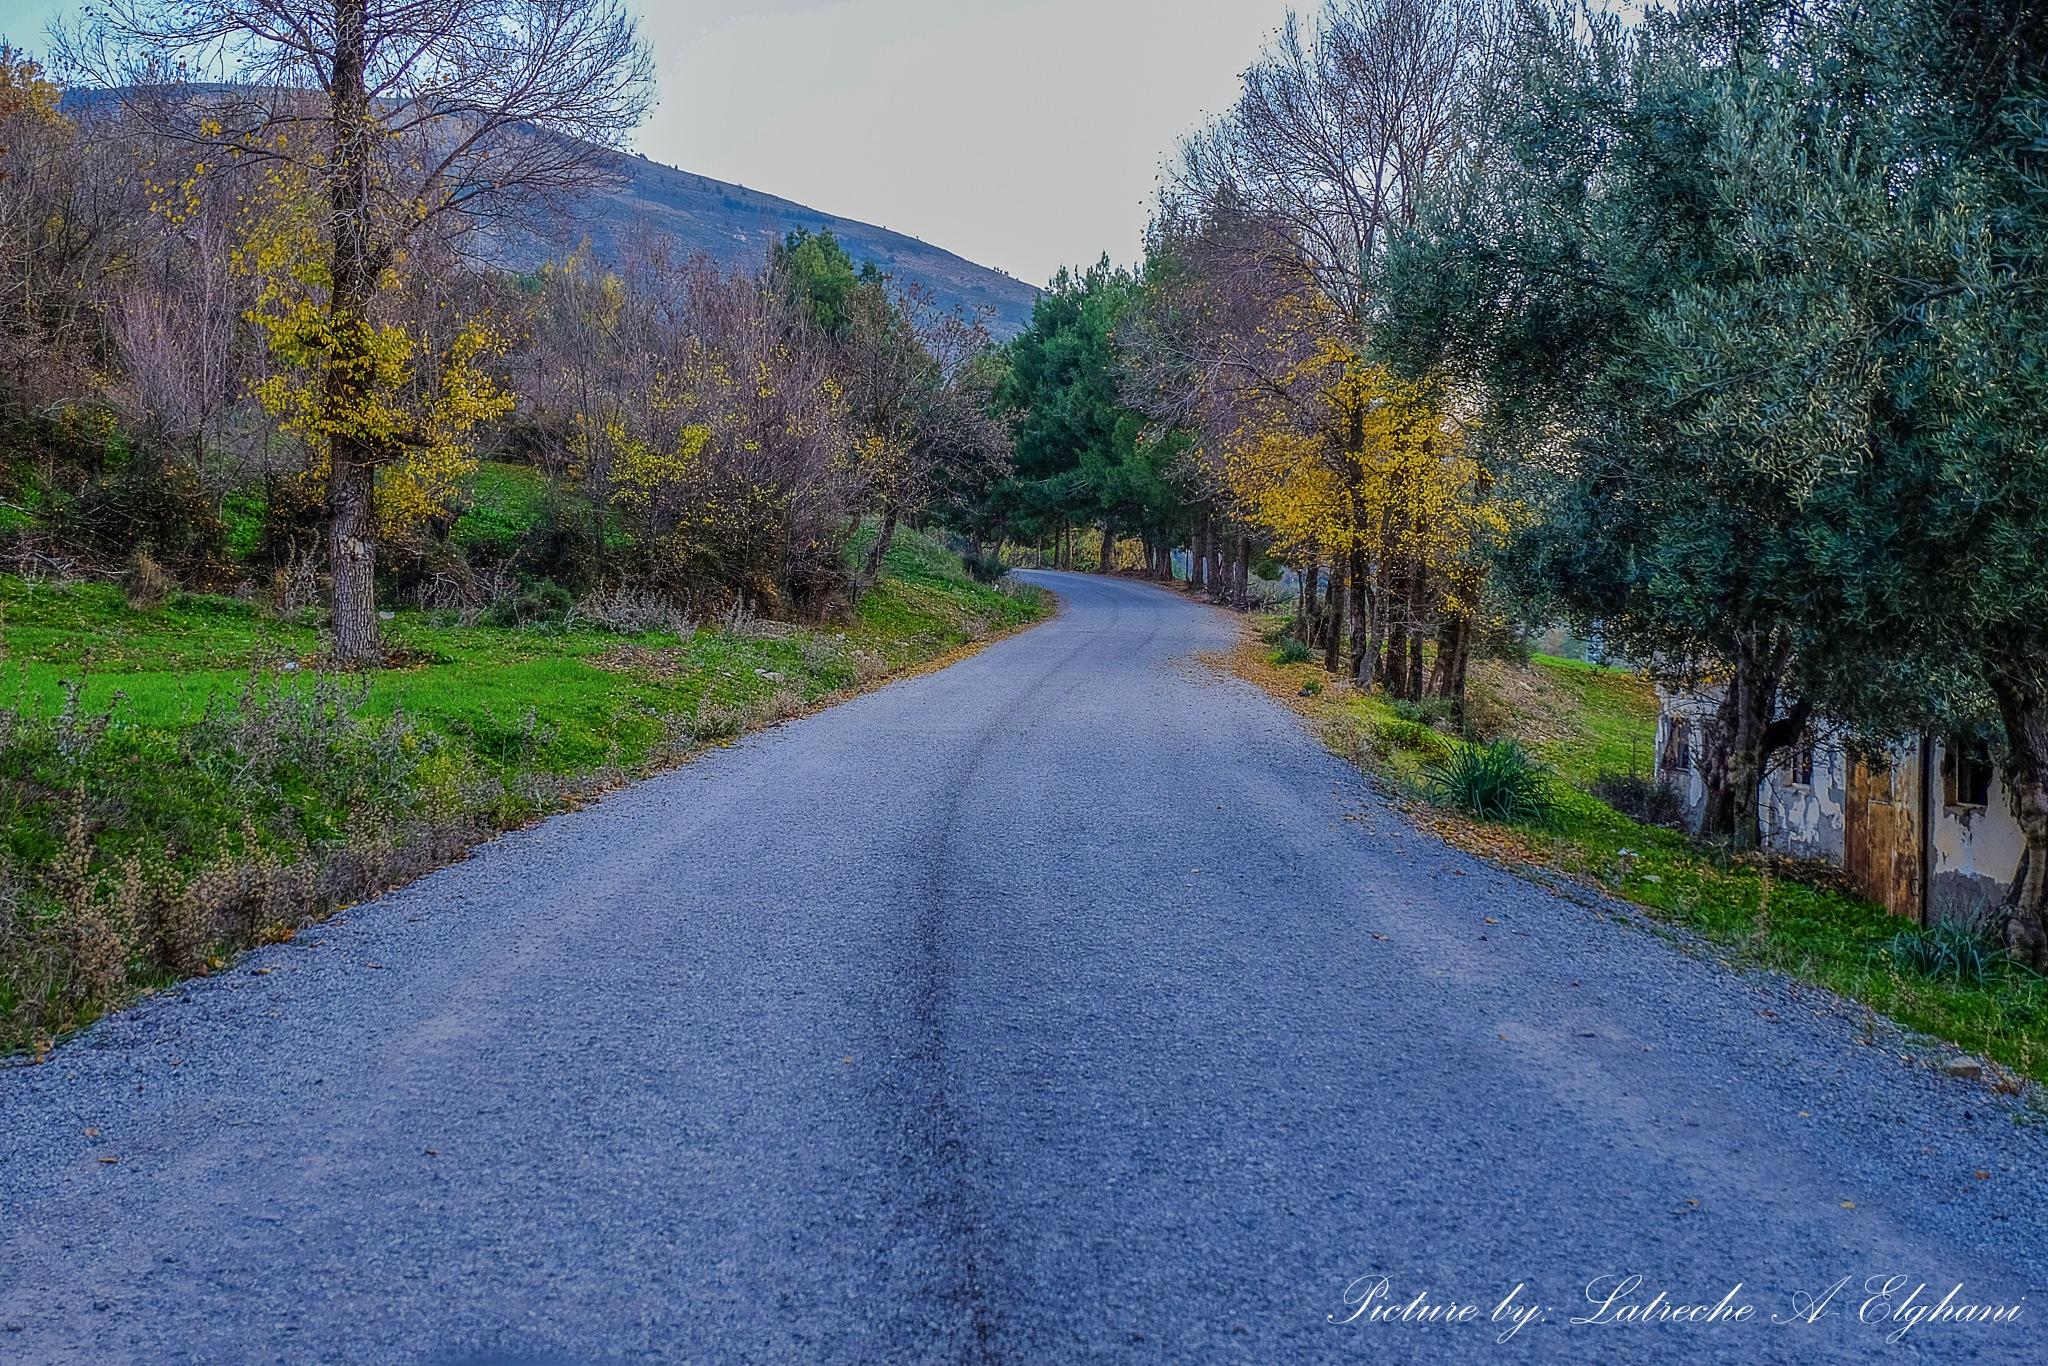 Autumn 2015 by latreche71